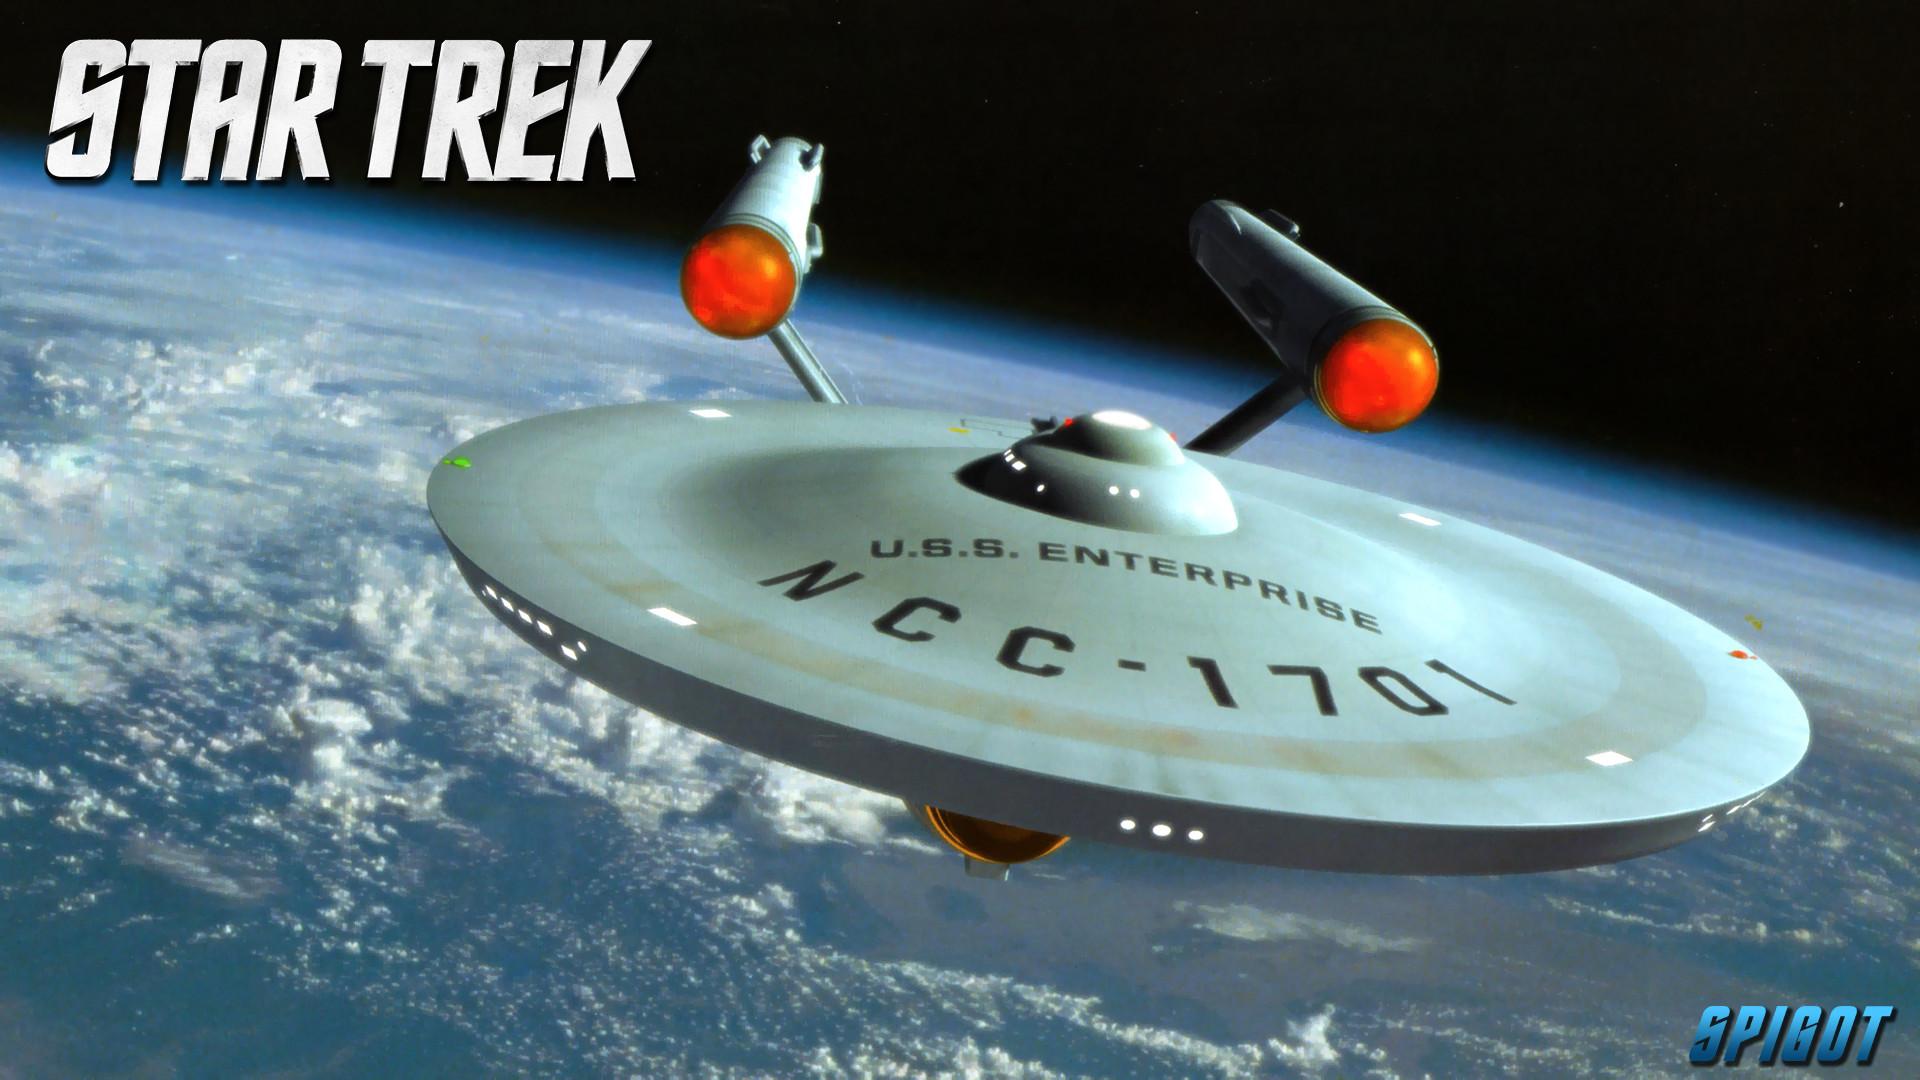 Star Trek Ships Wallpapers. June 8, 2012. Here …